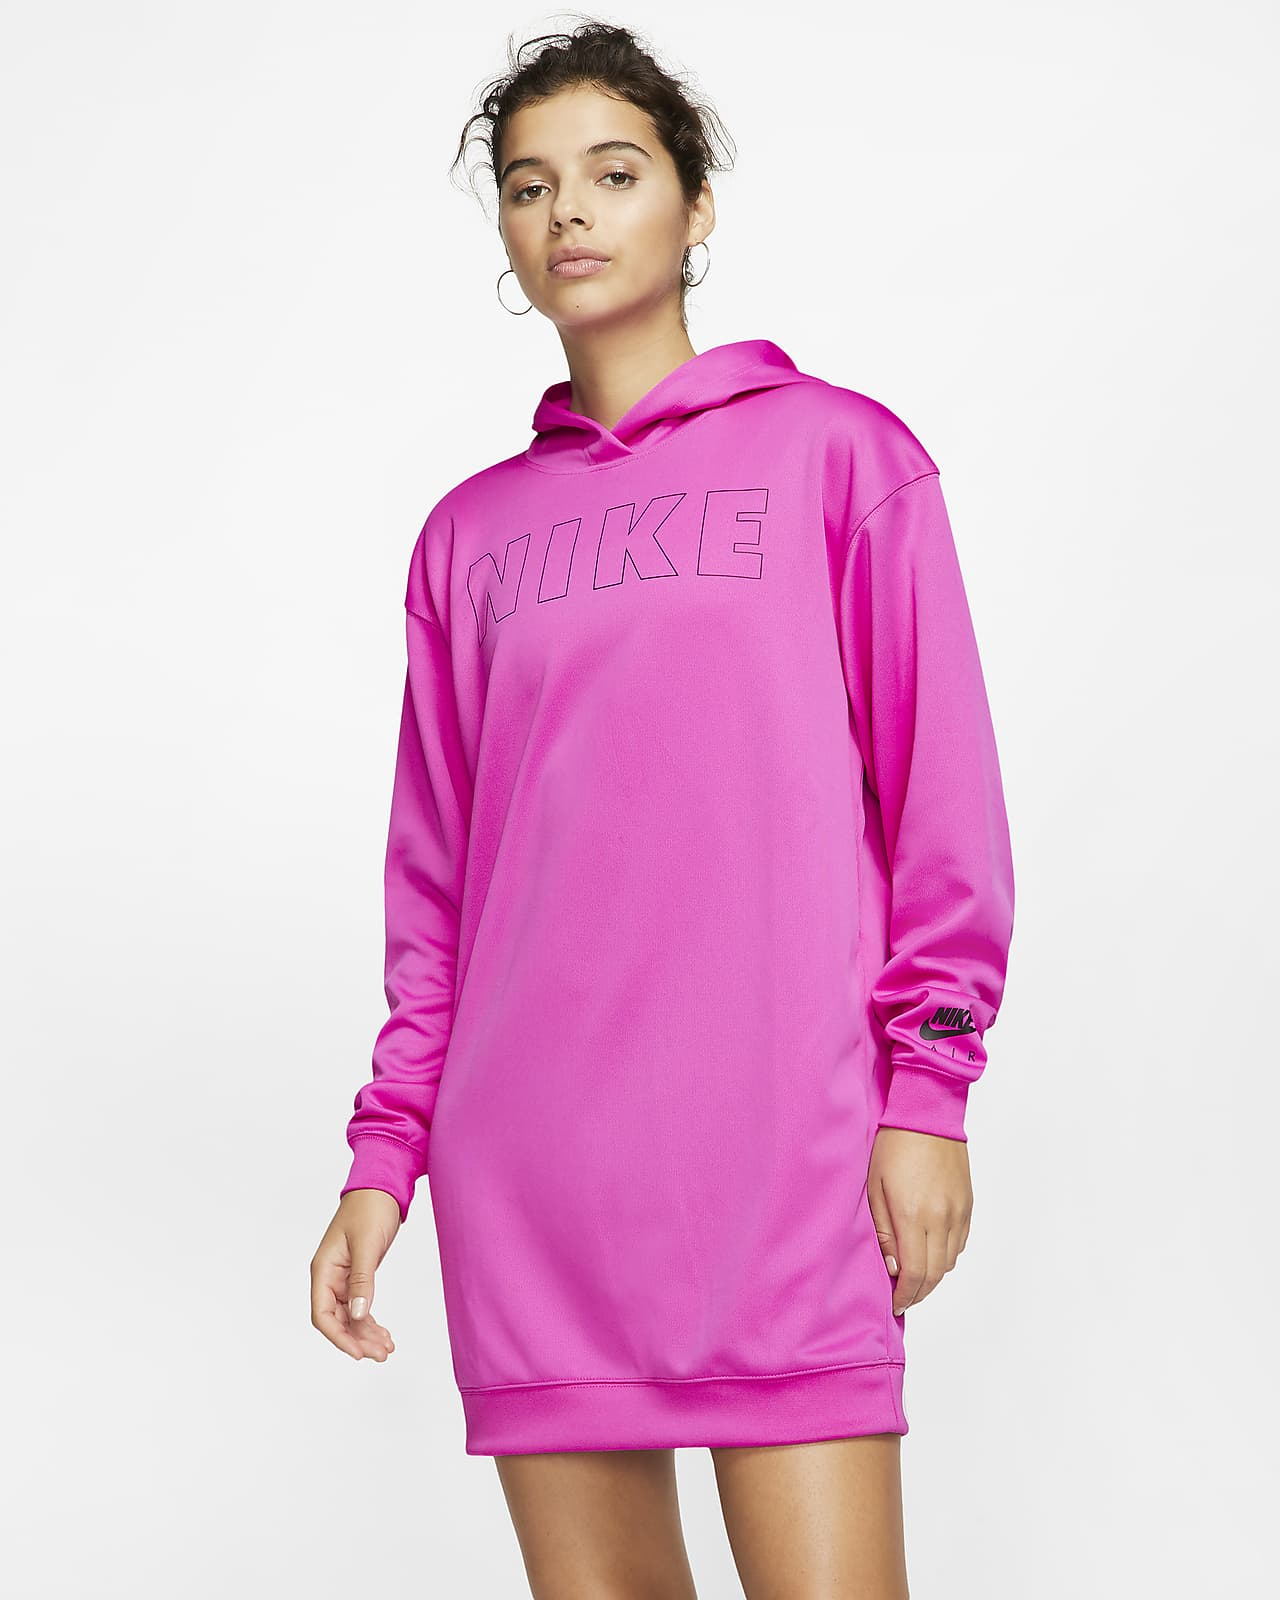 Dámské šaty Nike Air s kapucí